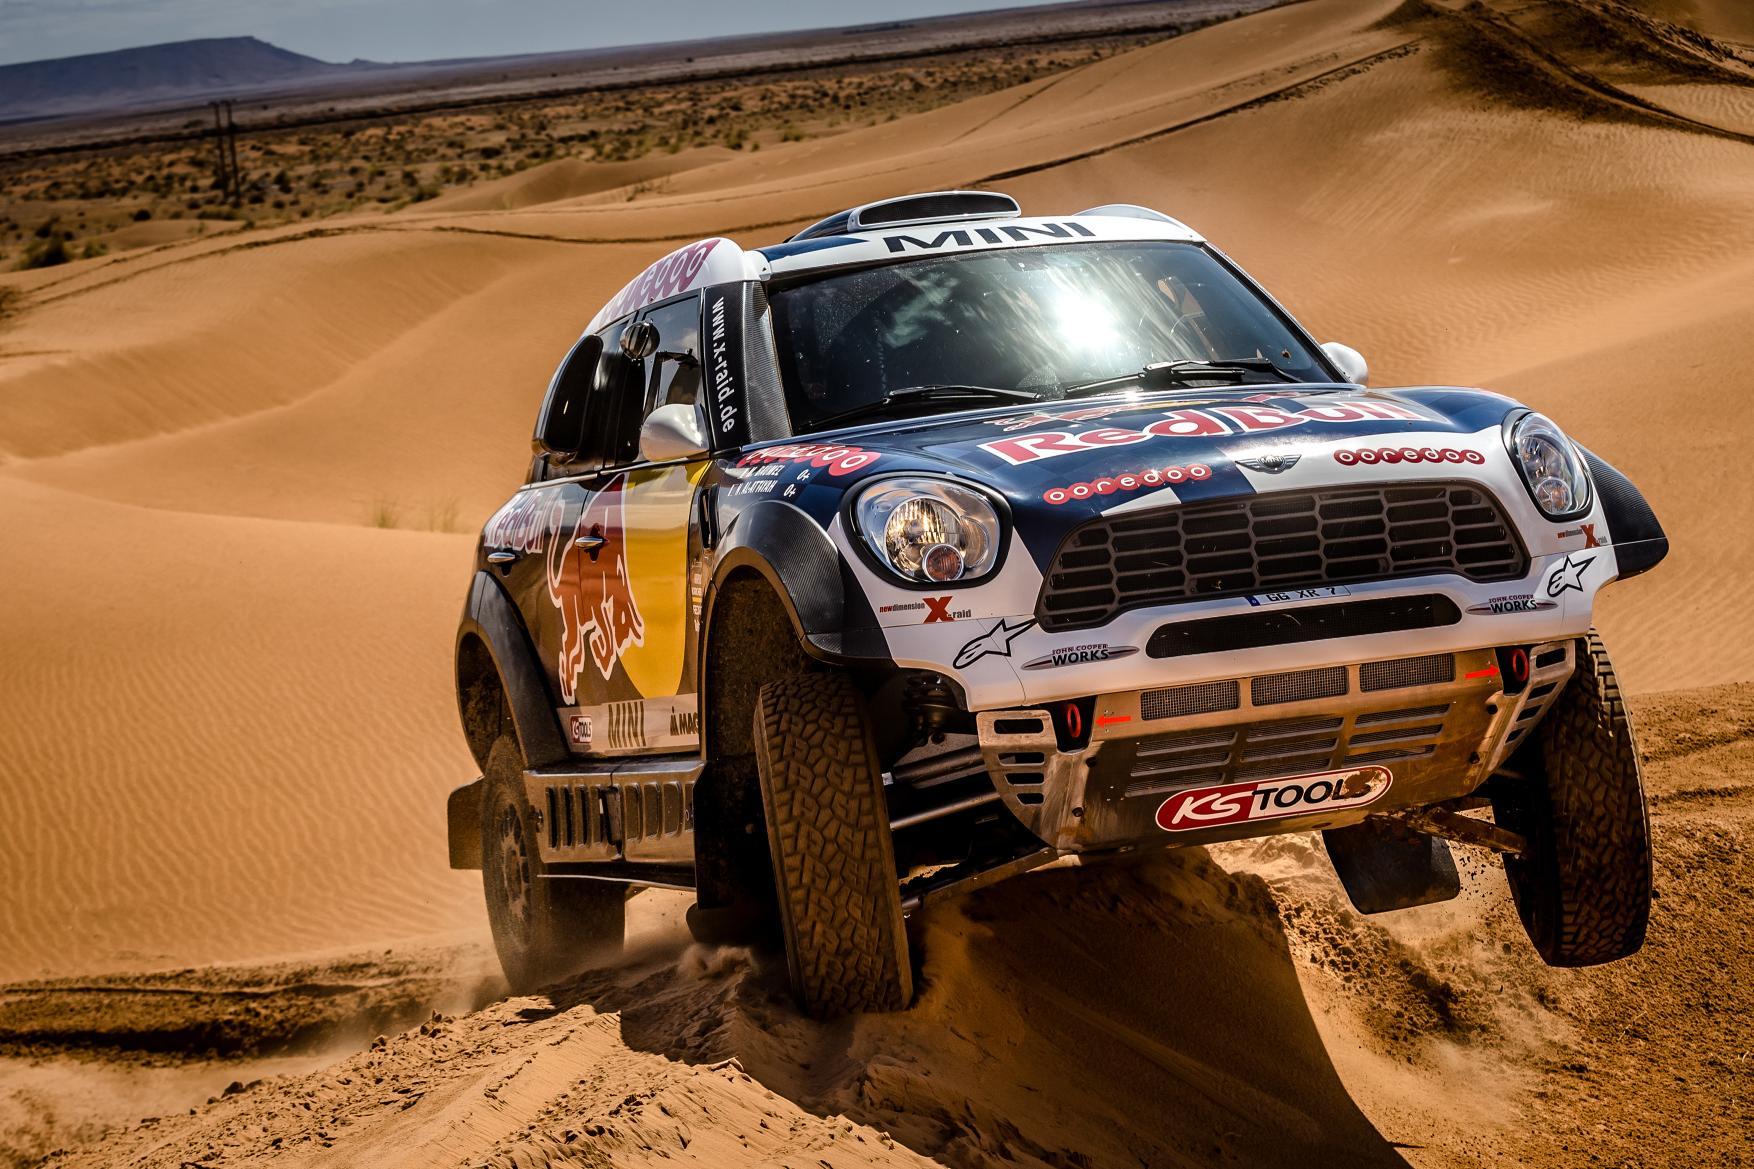 El Mini más brutal, a la conquista del Dakar